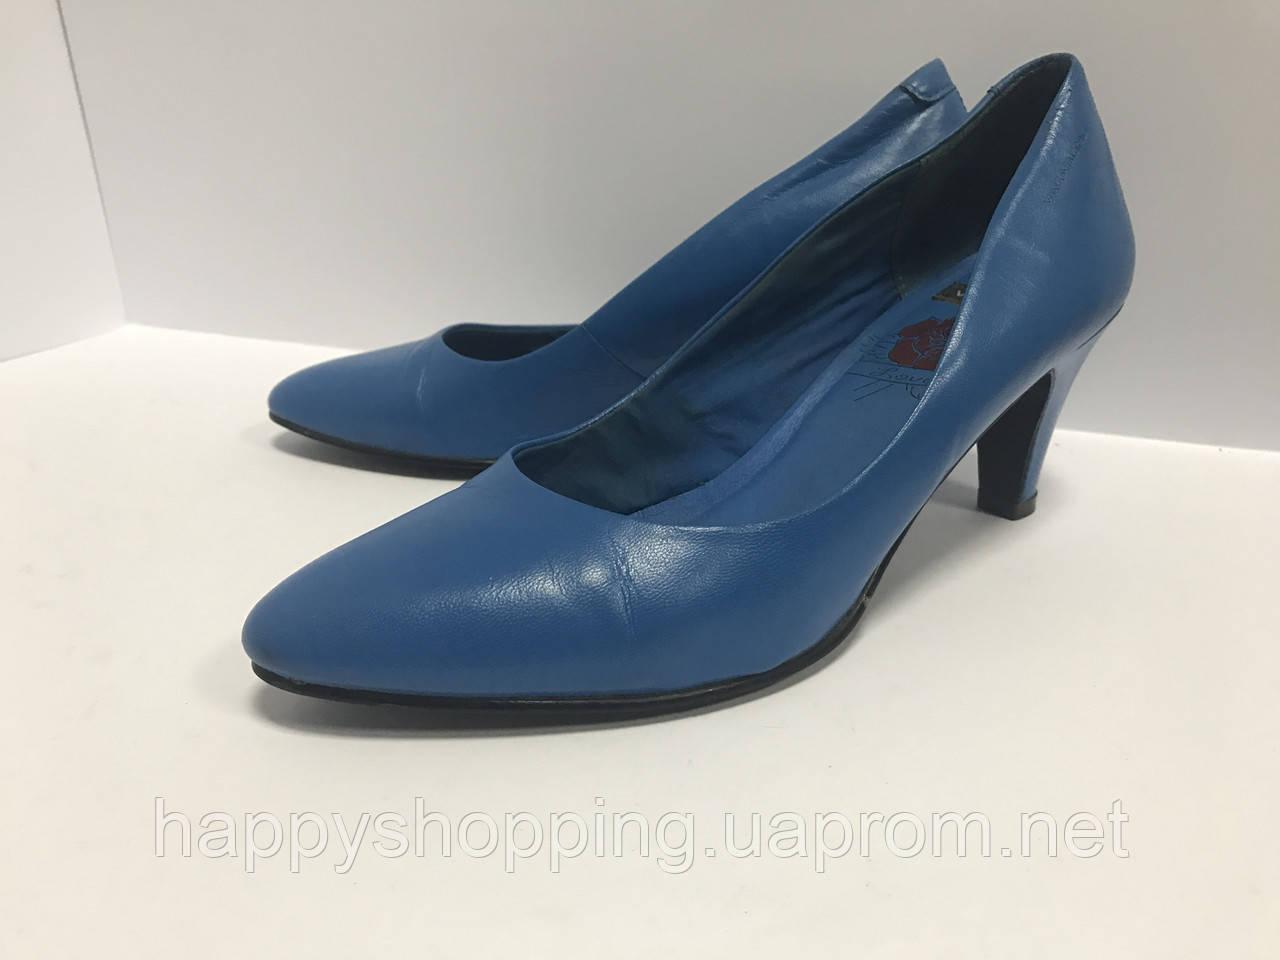 Синие туфли Vagabond